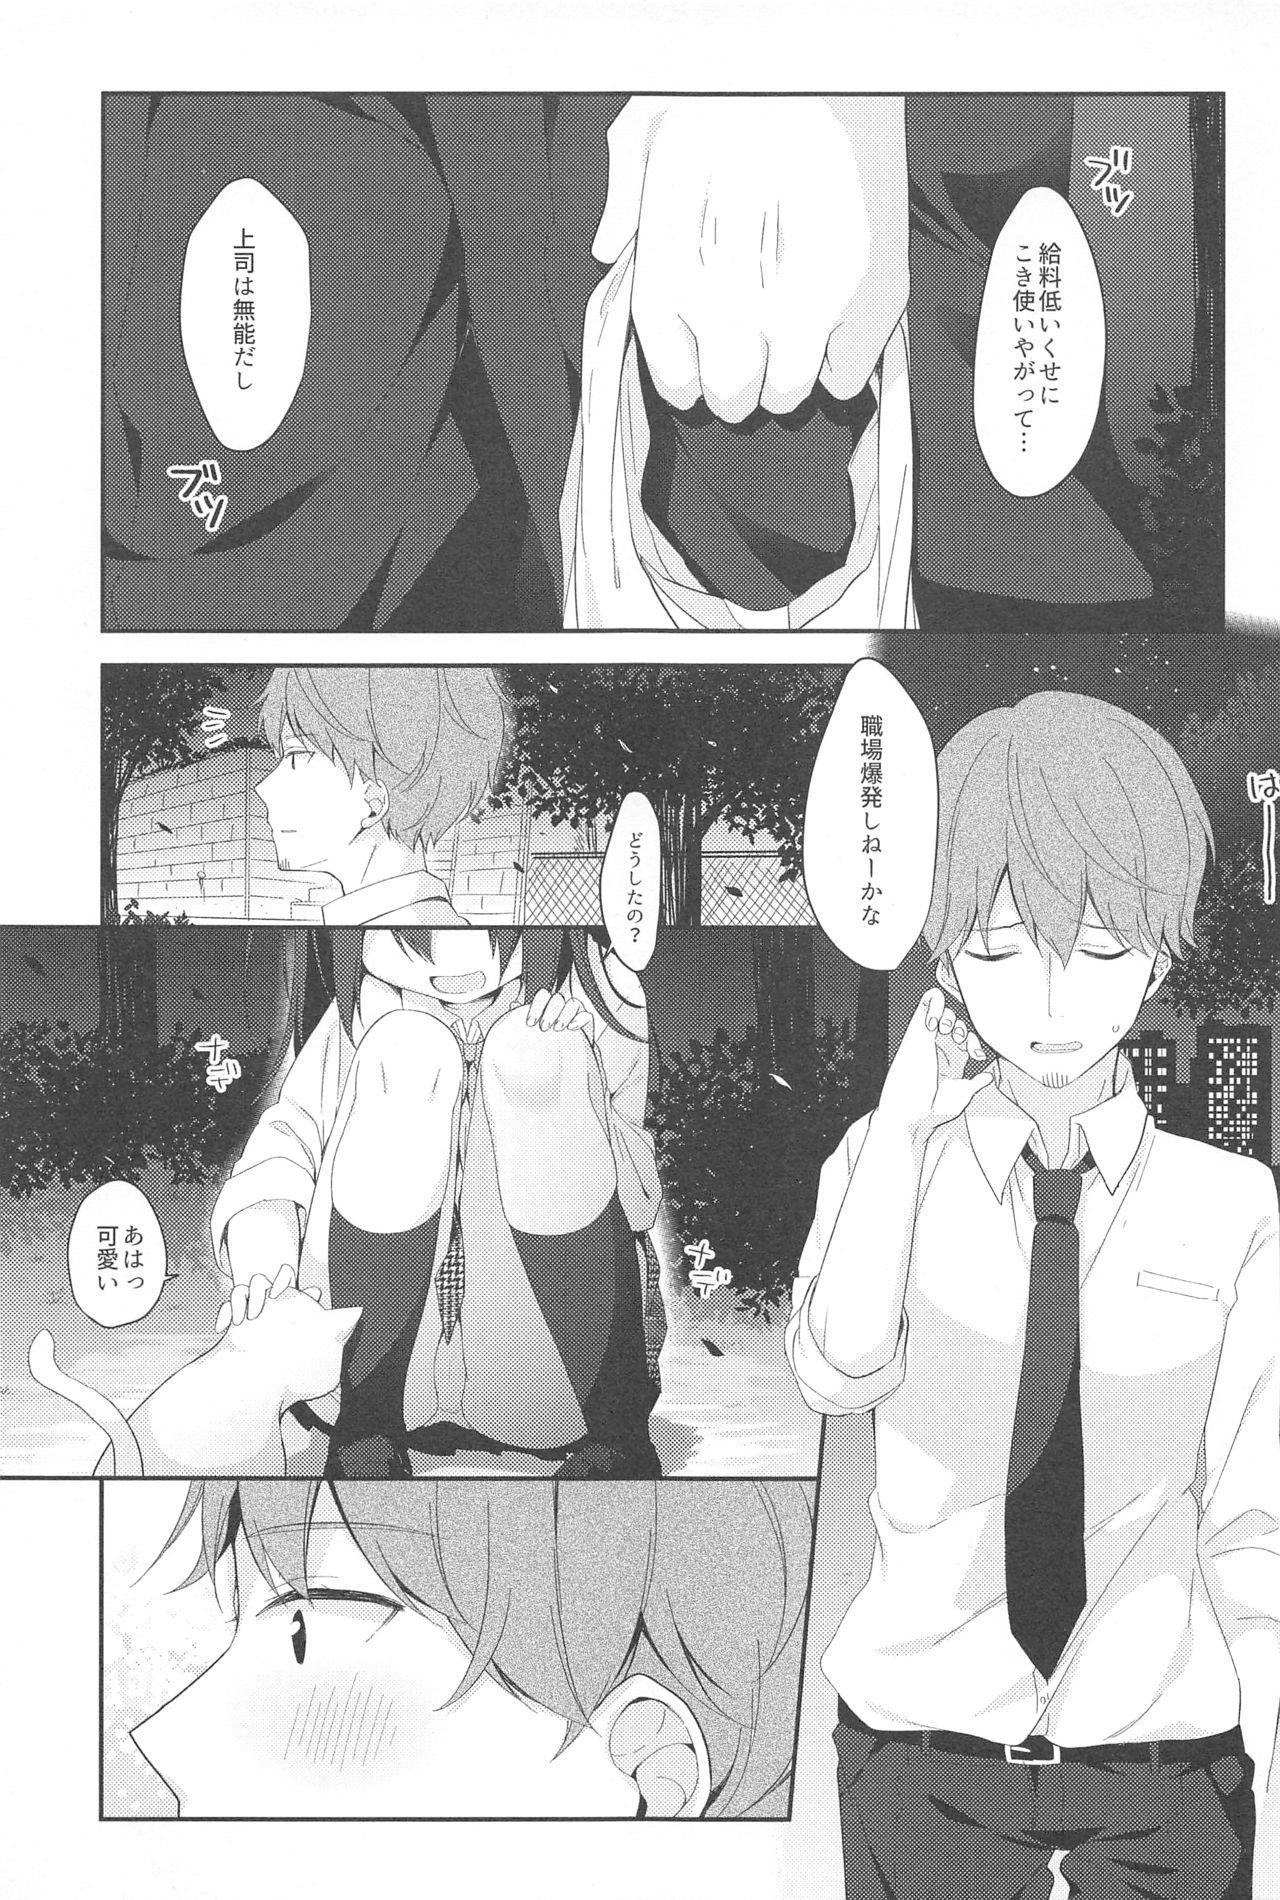 12-sai Sa no Himitsu Renai 1